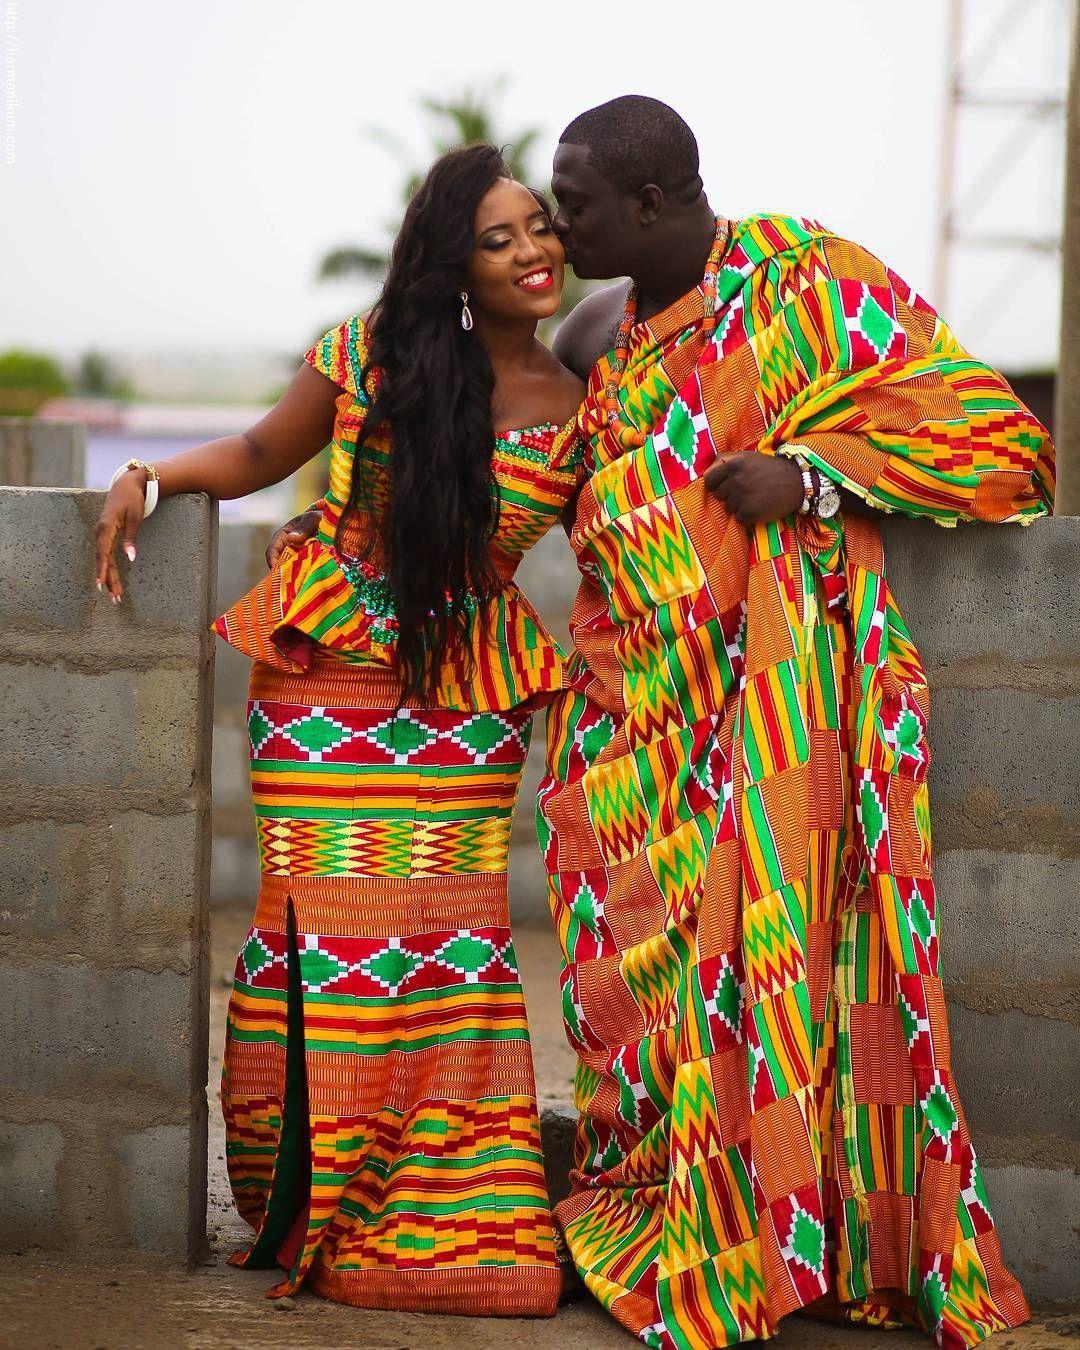 Így néznek ki a tradicionális esküvői ruhák a világ minden tájáról